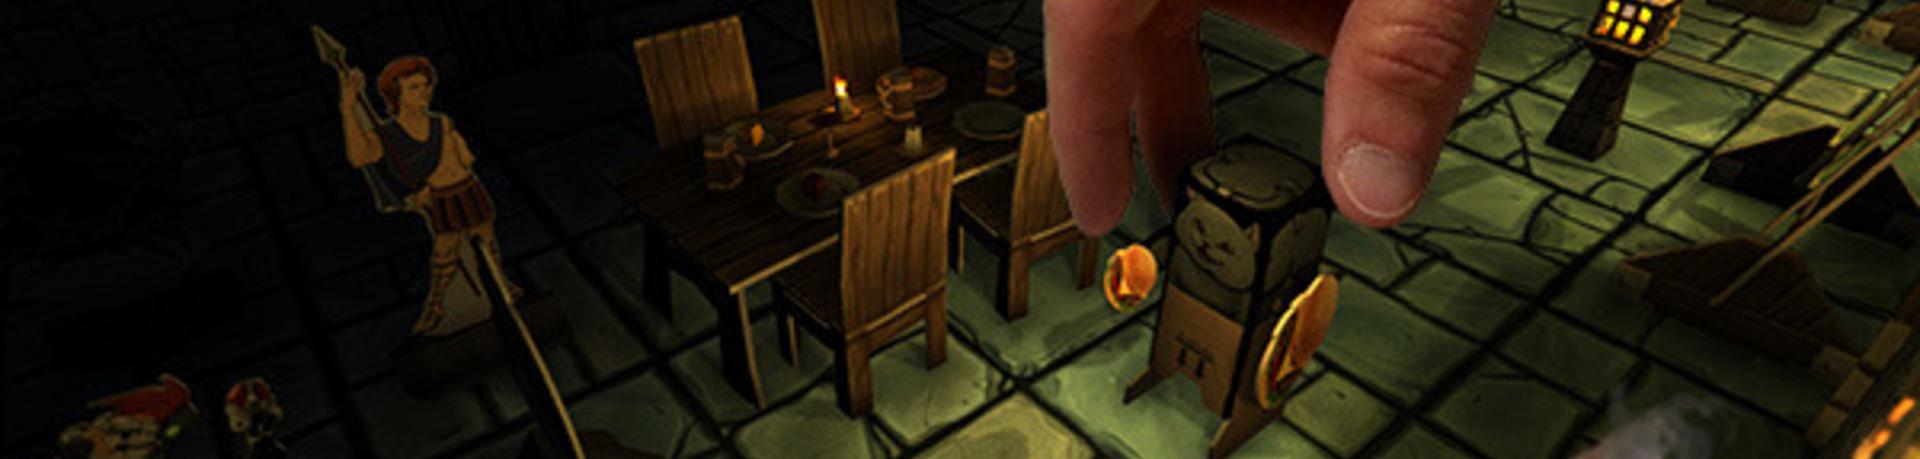 Popup Dungeon Greenlit on Steam/Kickstarter